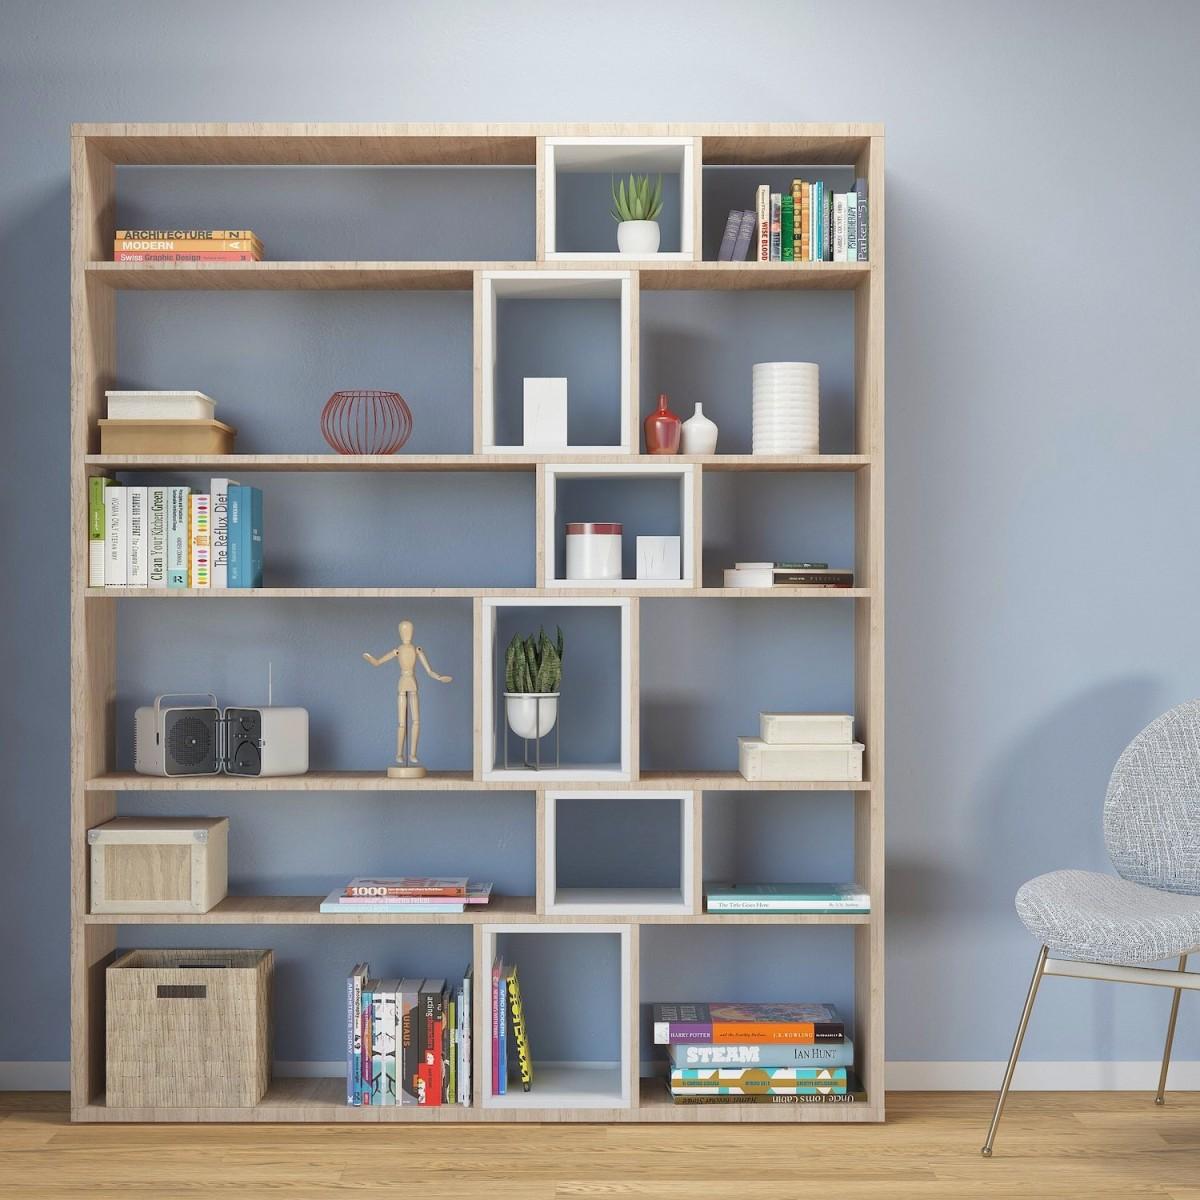 Libreria design moderno in legno bianco o naturale Coventry